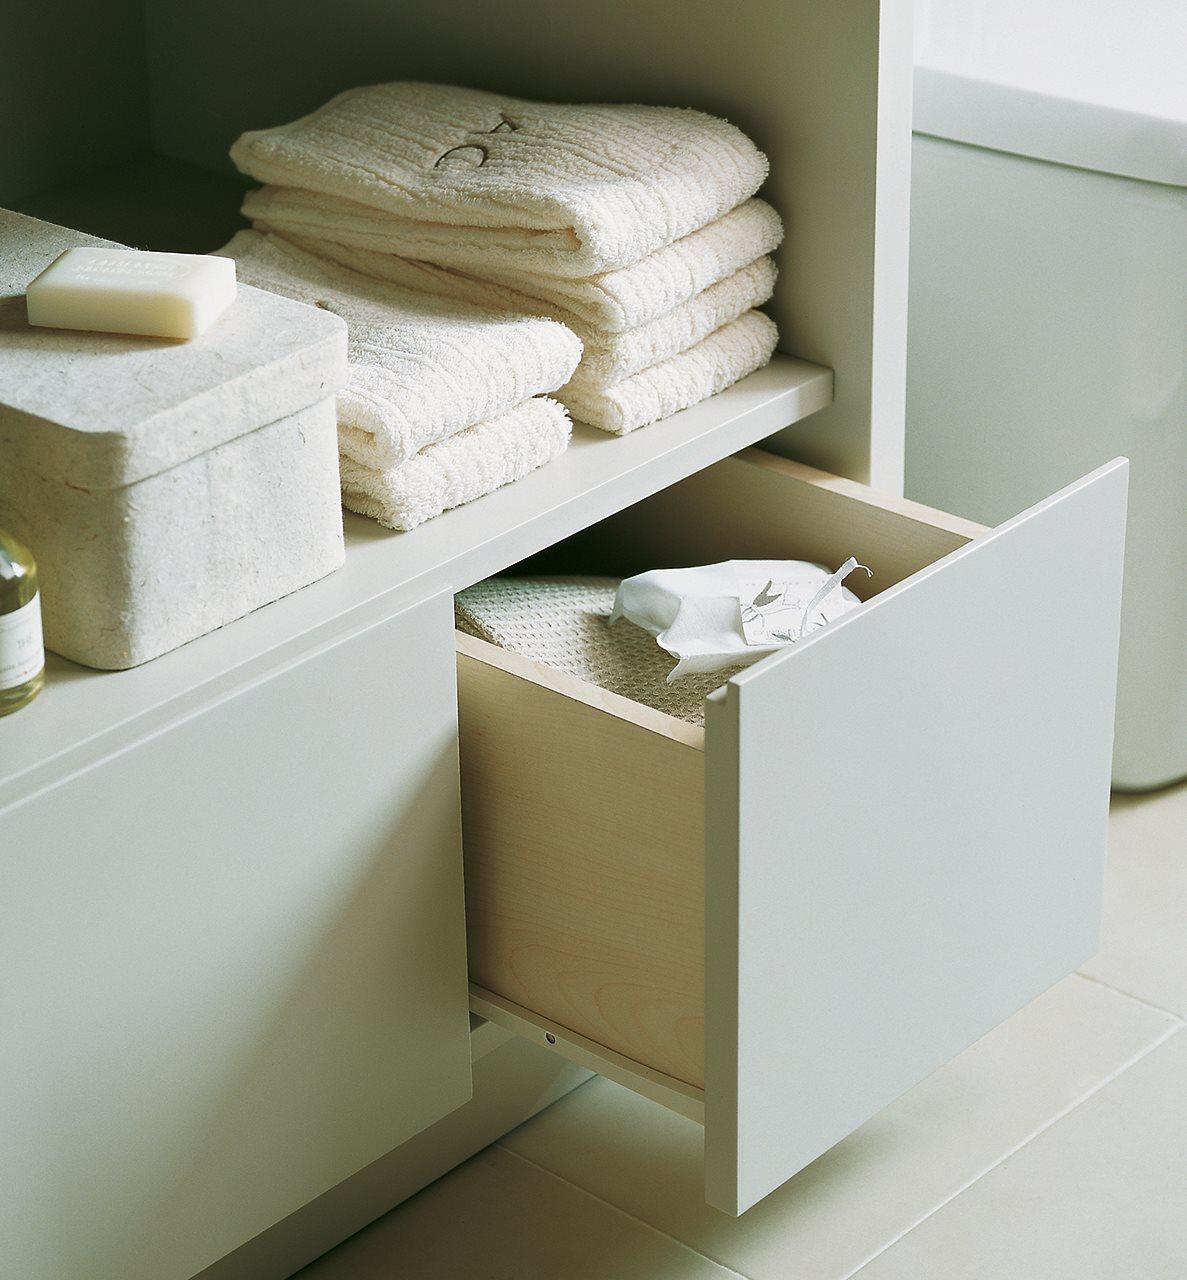 Muebles De Bau00f1o Karol:detalle_de_cajon_de_mueblebajo_de_bano ...